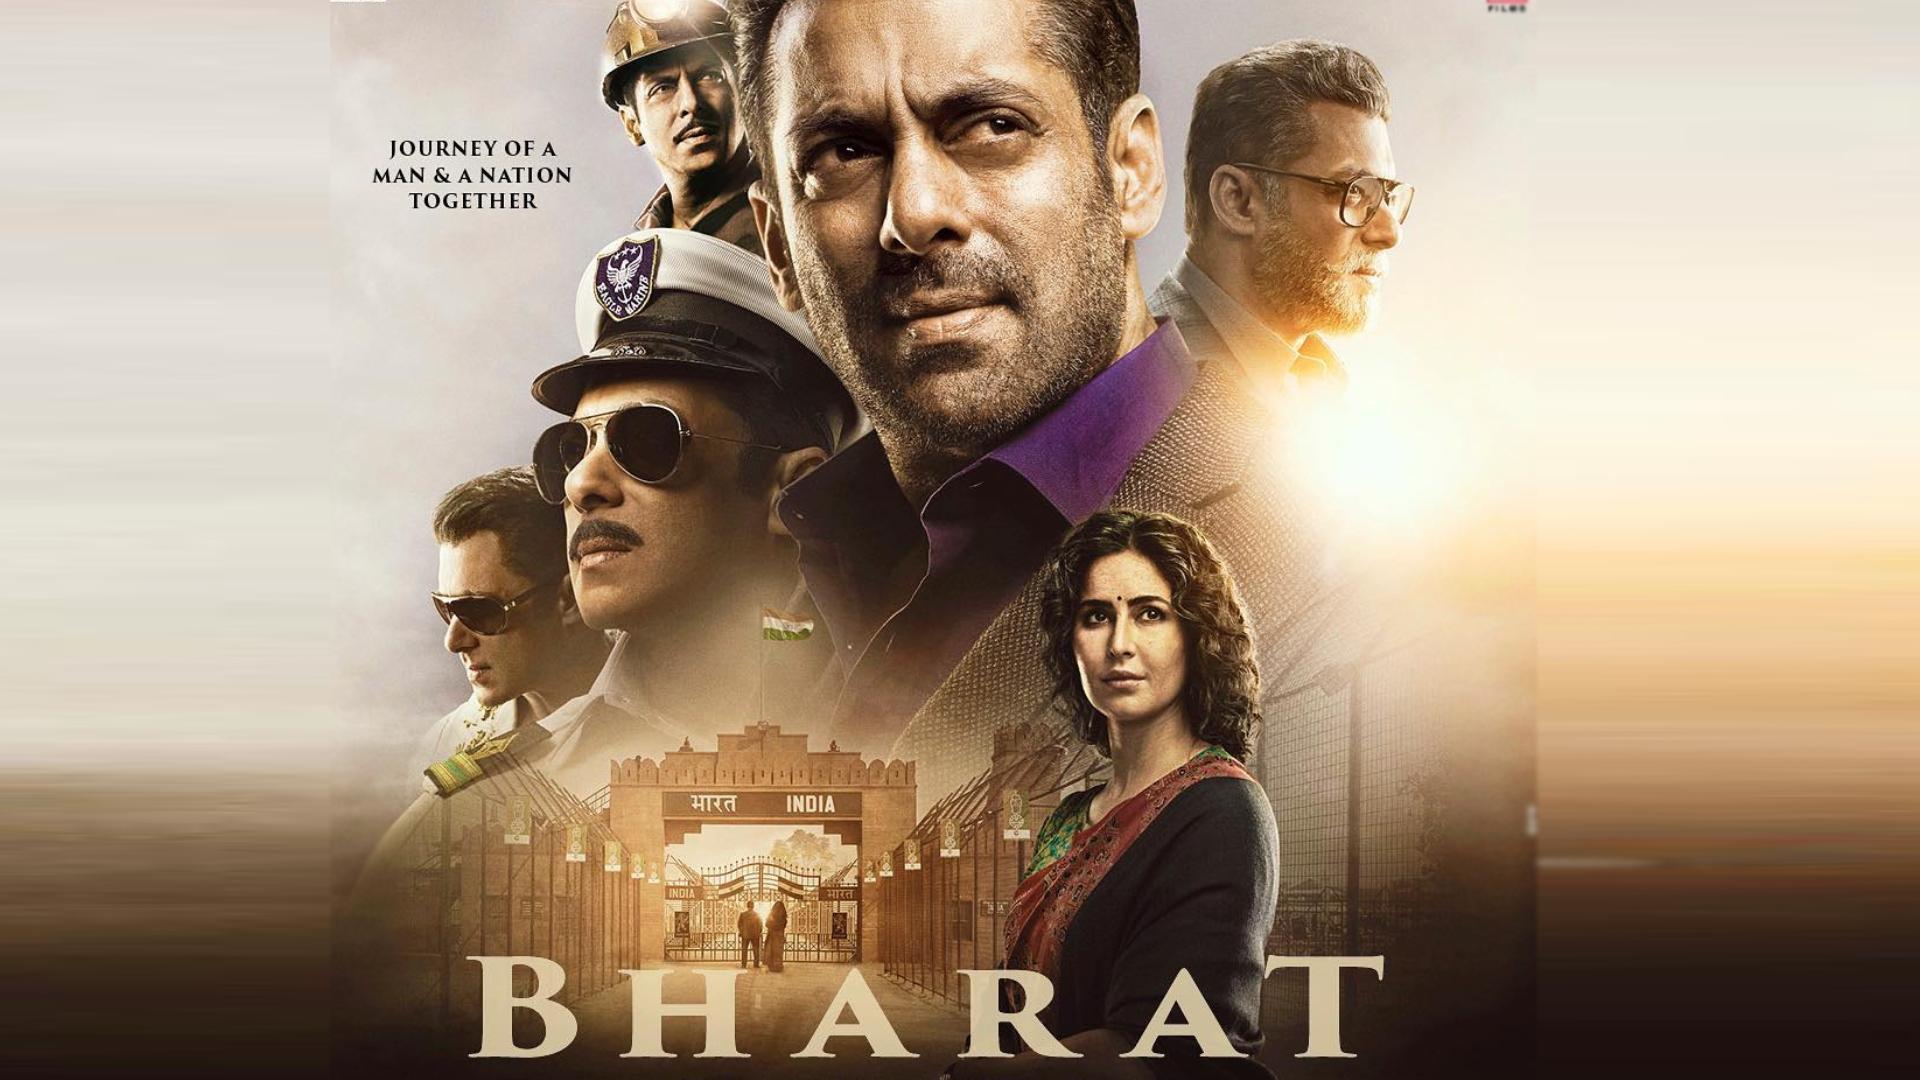 Bharat Movie: फिल्म भारत का नया प्रोमो हुआ जारी, दमदार डायलॉग के साथ दिखा सलमान खान का बेमिसाल अंदाज